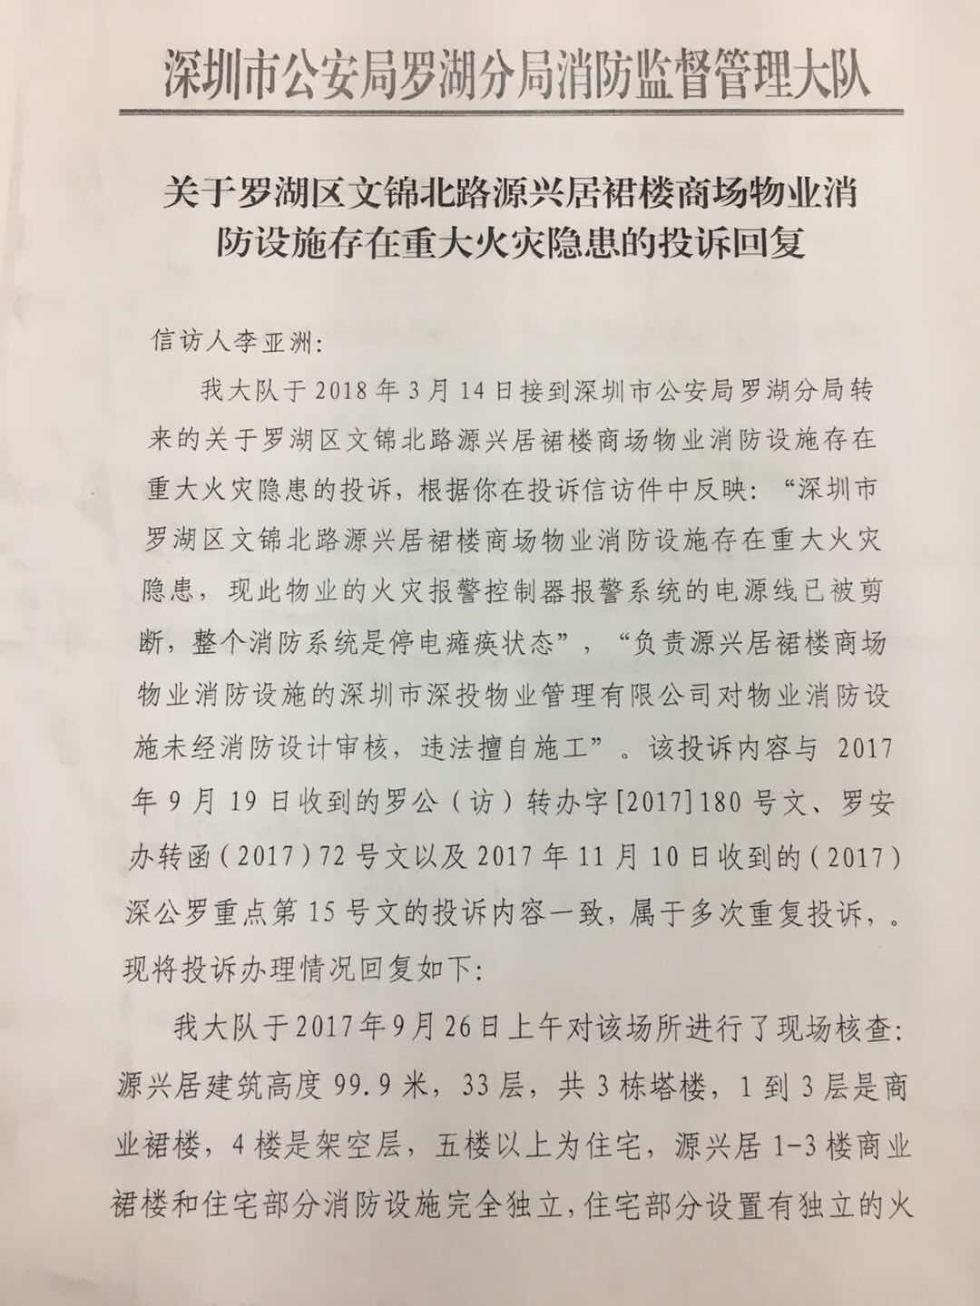 """深圳国企对外租赁瑕疵房产 民企""""踩雷""""苦诉十年"""